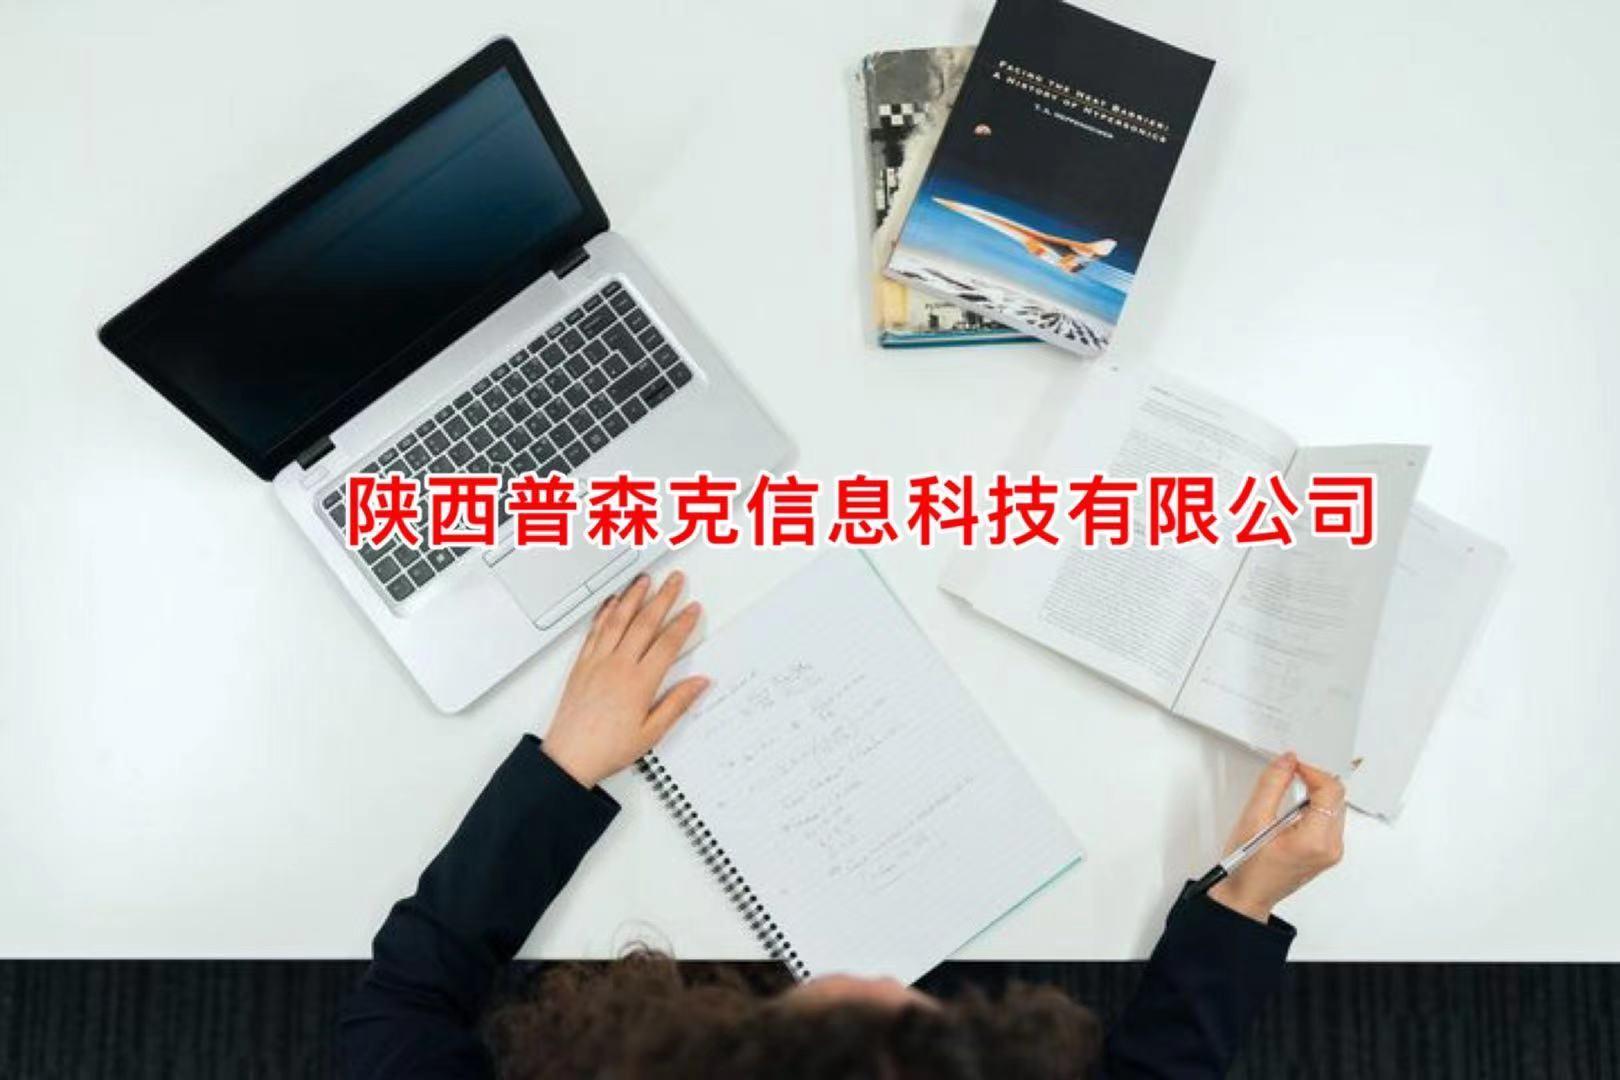 陕西省2021年工程师职称评审申报专业条件图片